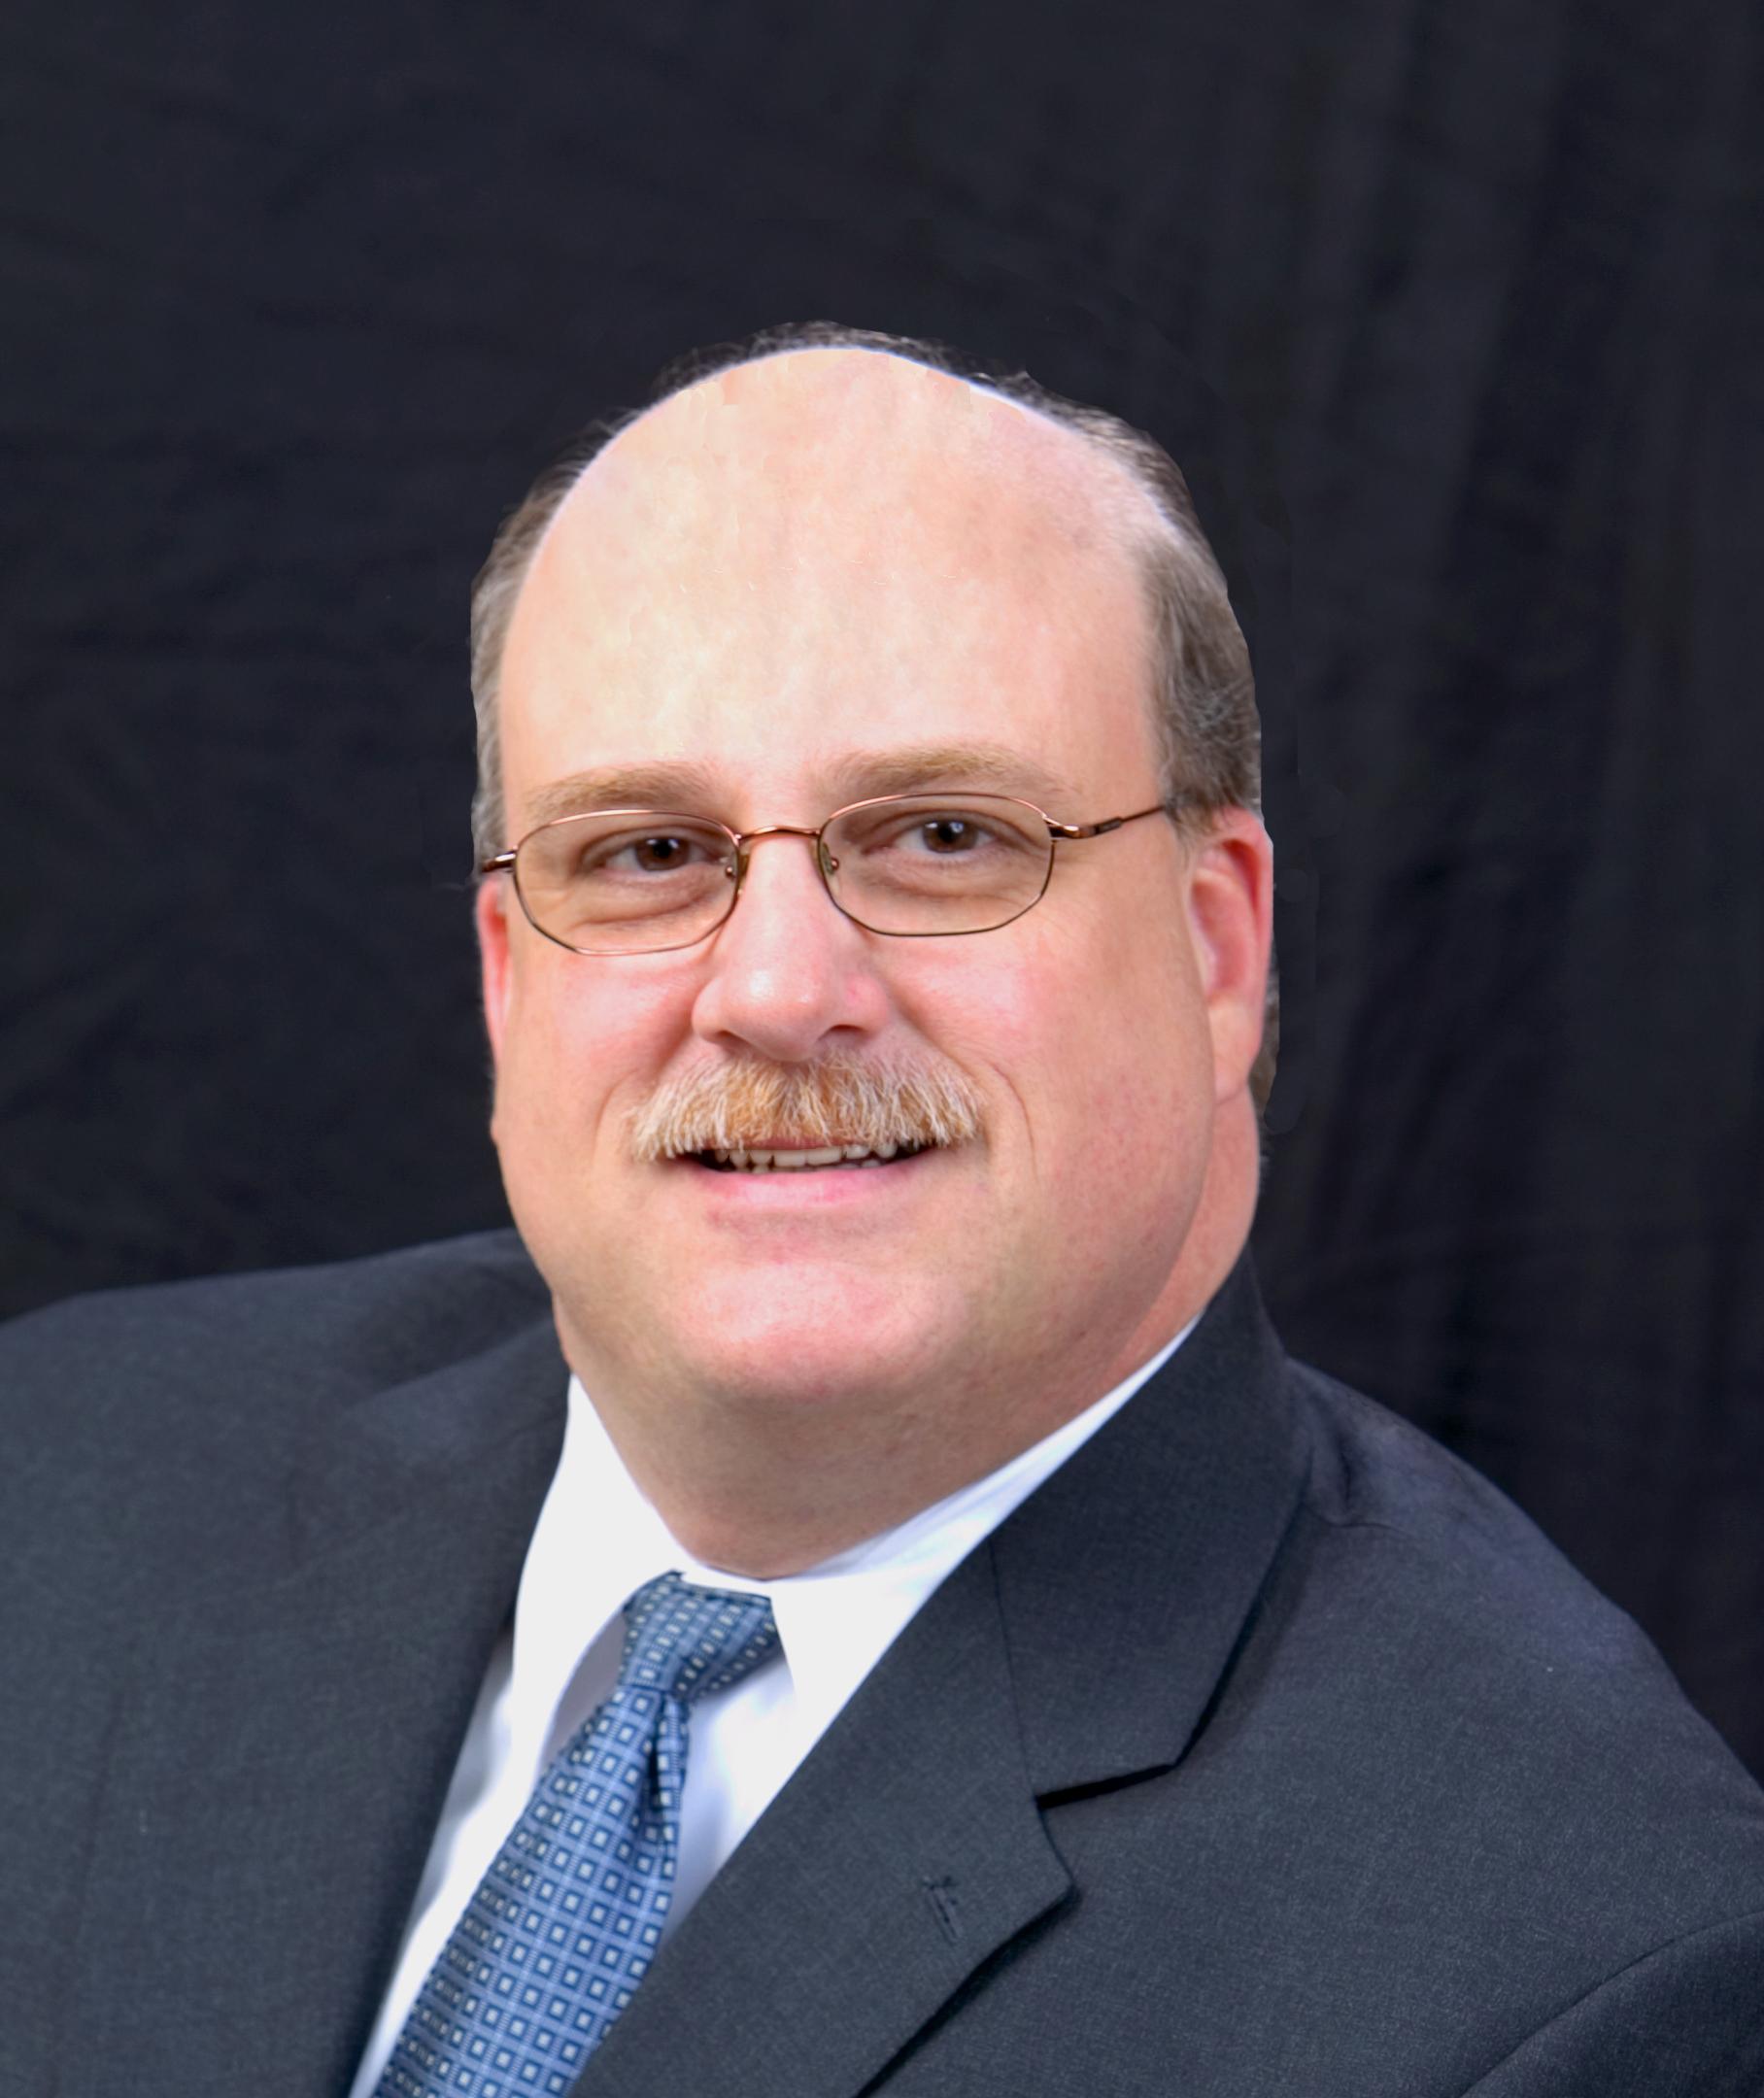 Michael Bultman